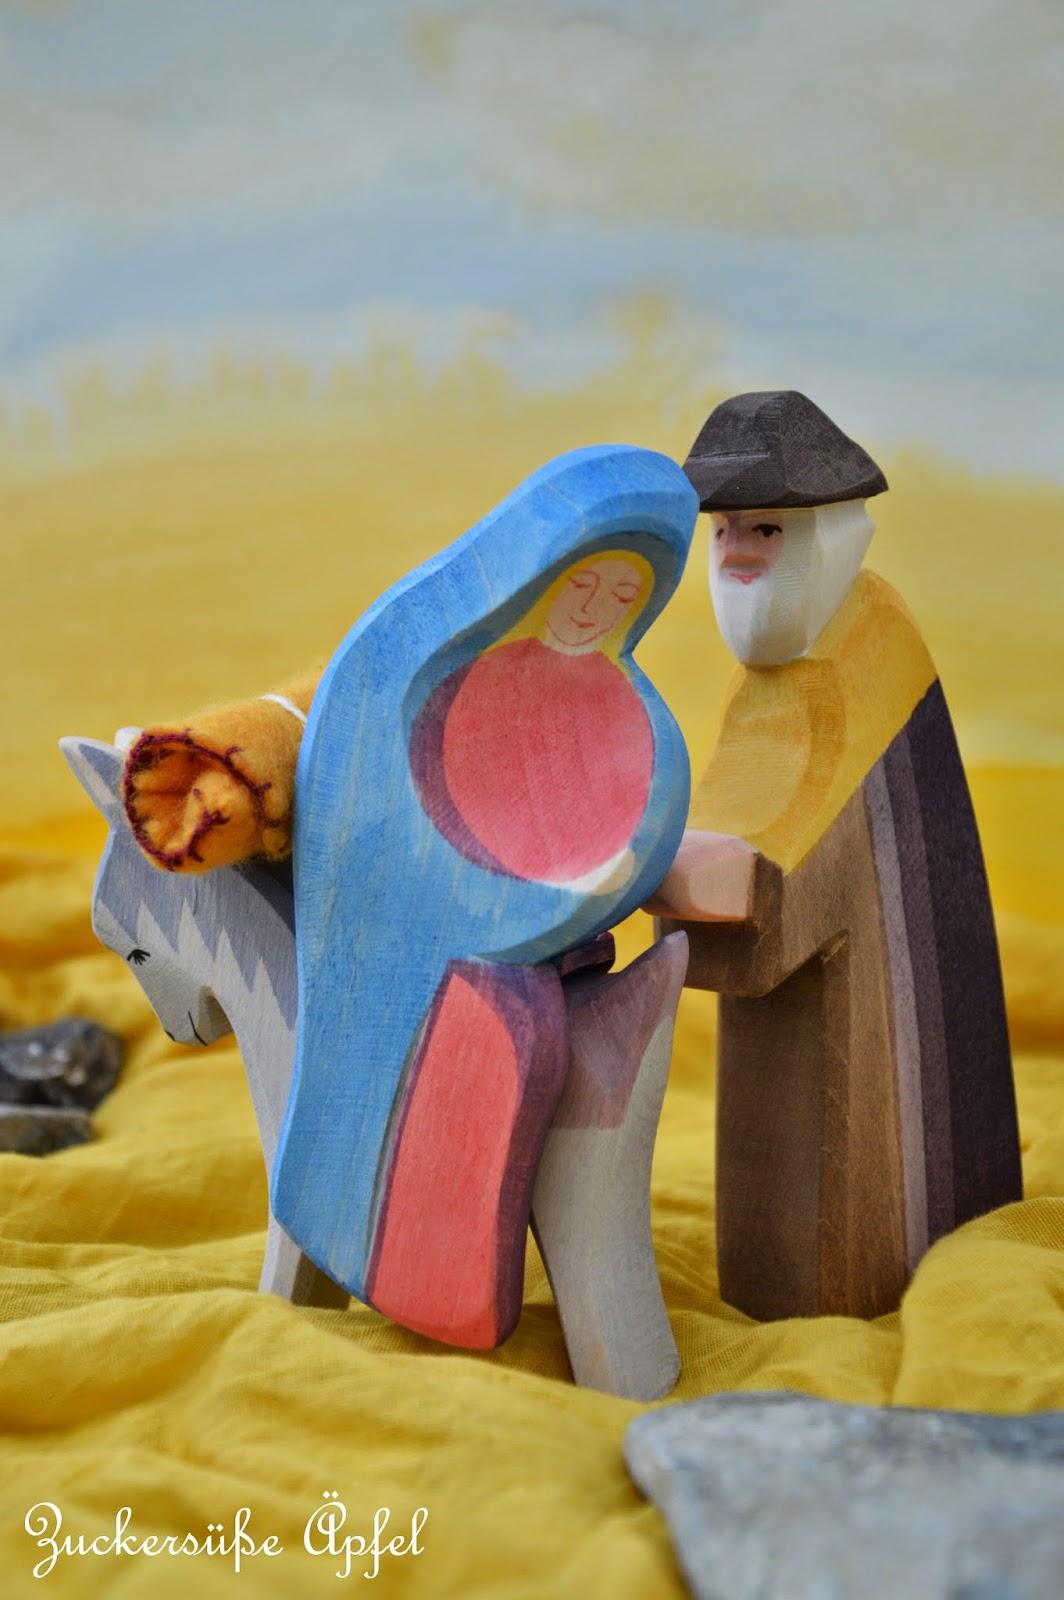 Unsere Weihnachtsgeschichte Mit Einer Wundervollen Ostheimer Verlosung Zuckersusse Apfel Kreativer Familienblog Und Reiseblog